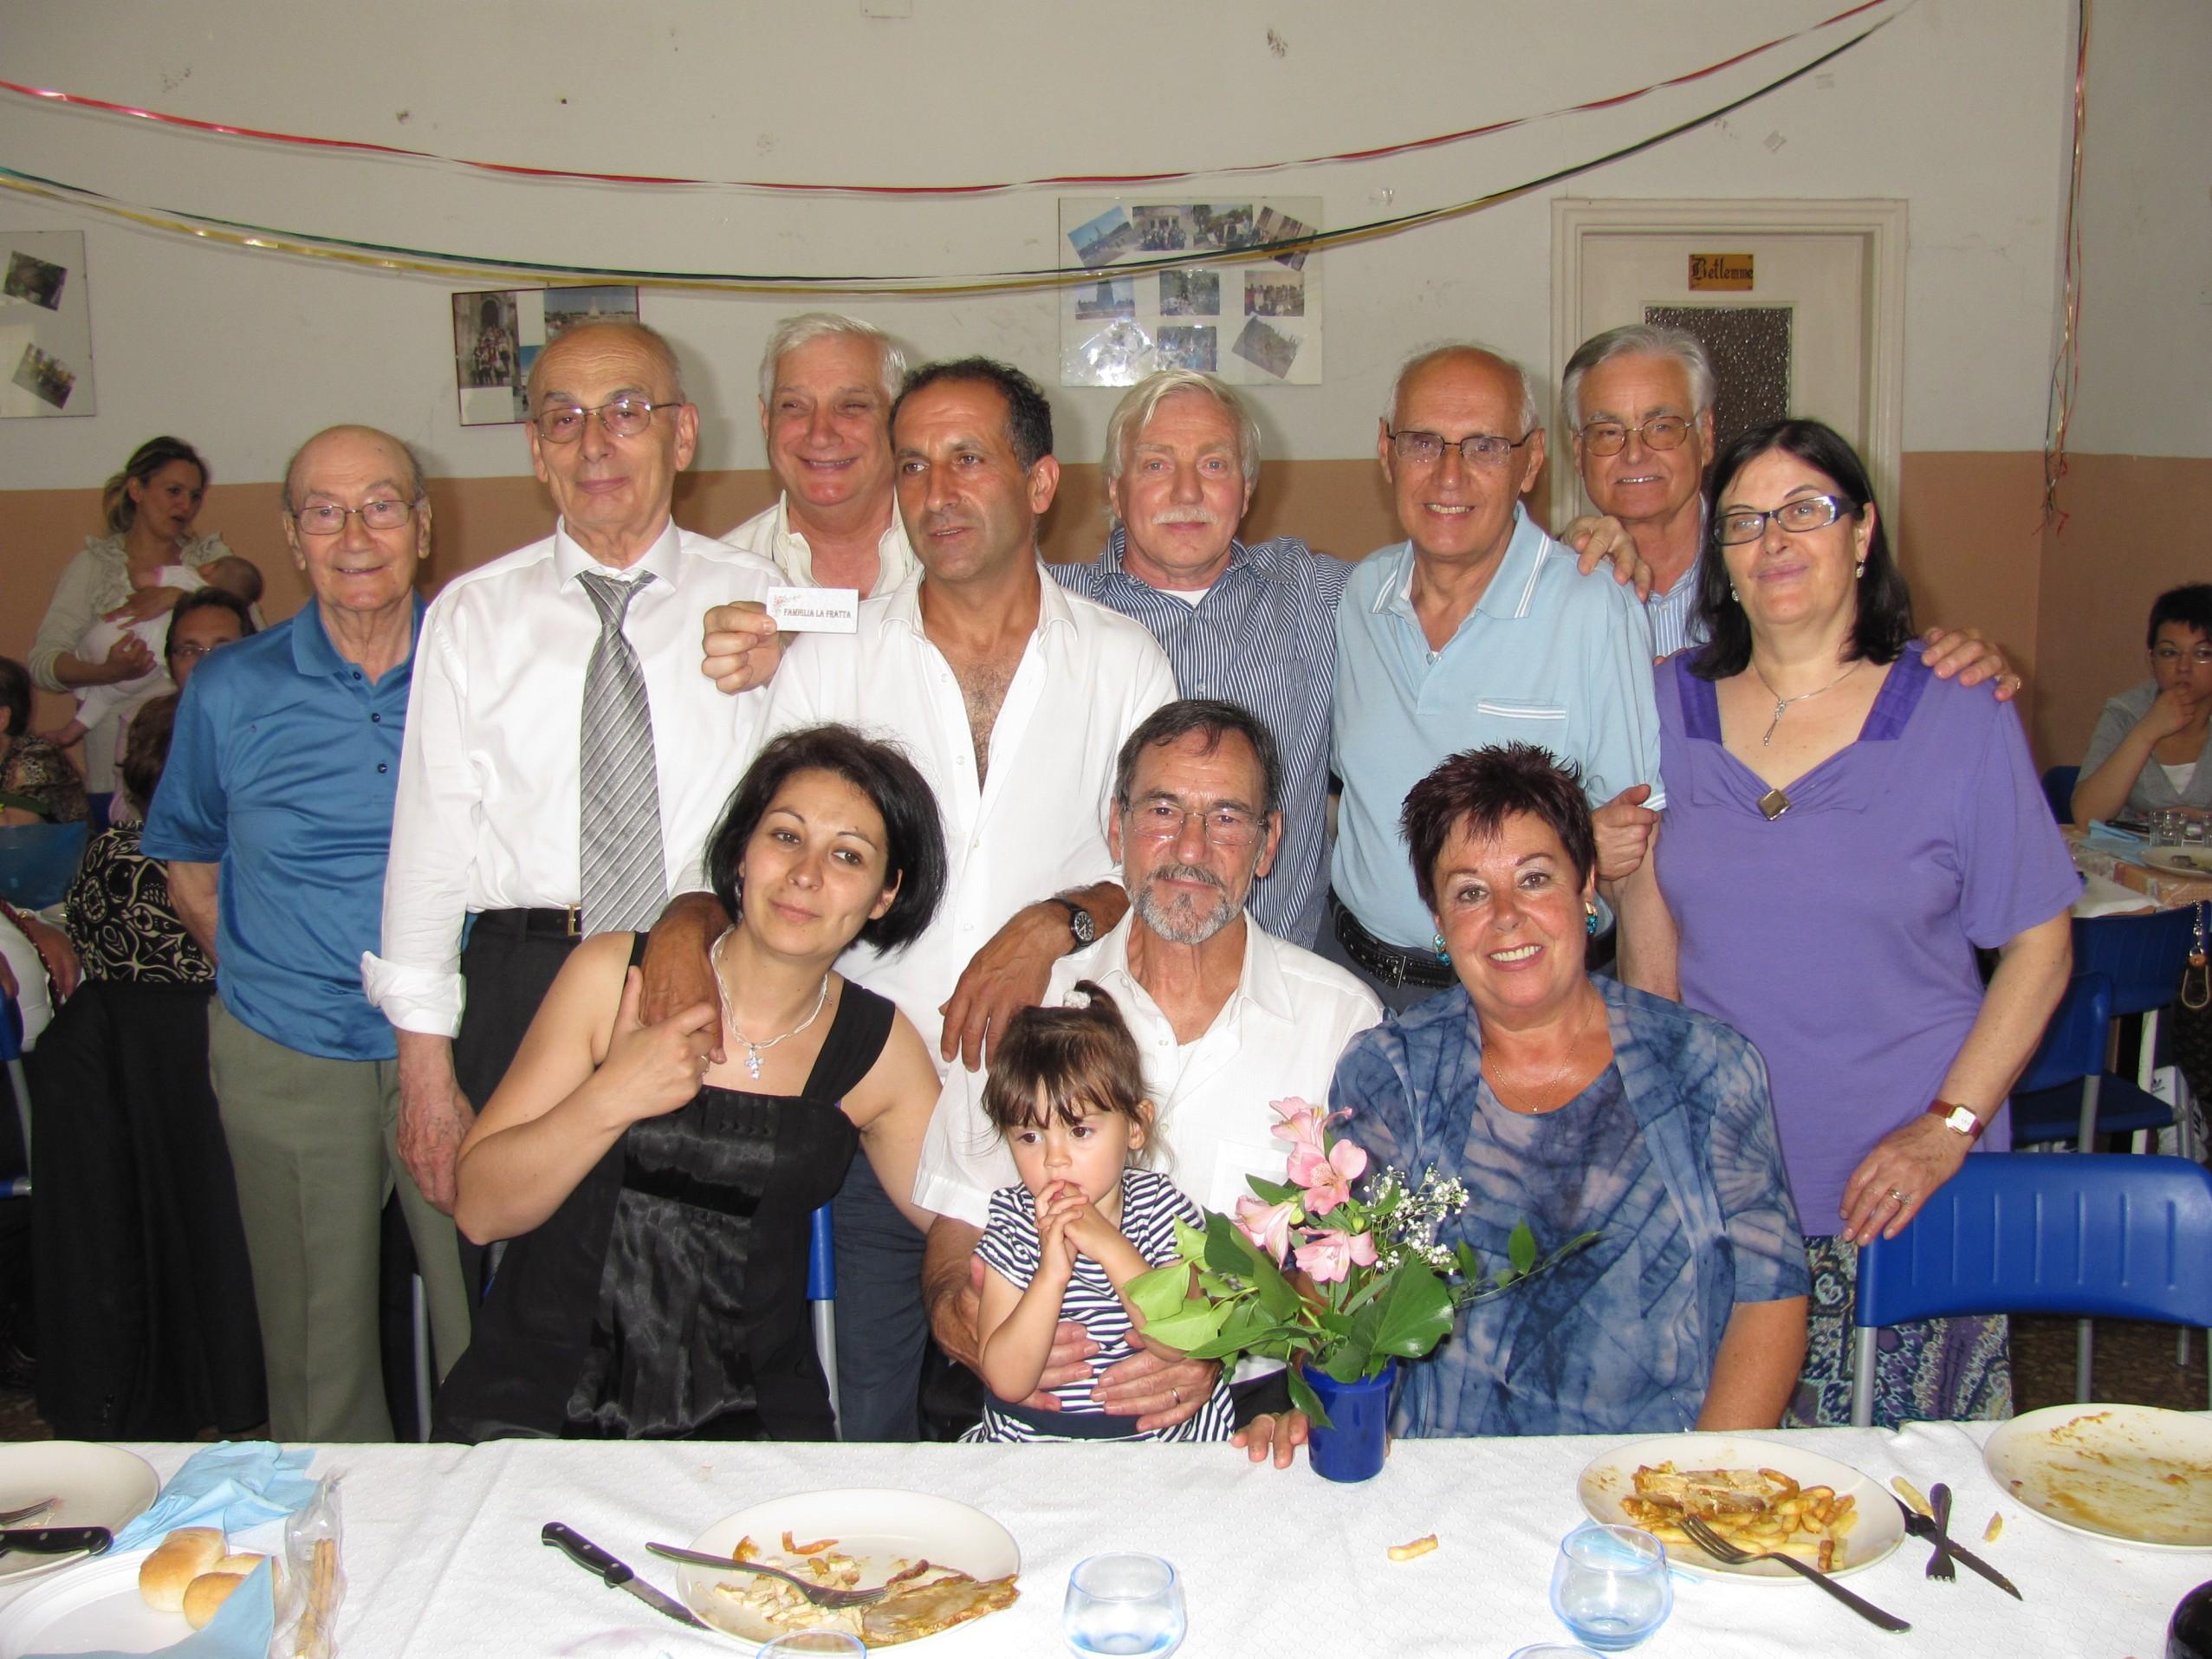 anniversari_matrimonio-2011-06-05-14-06-08